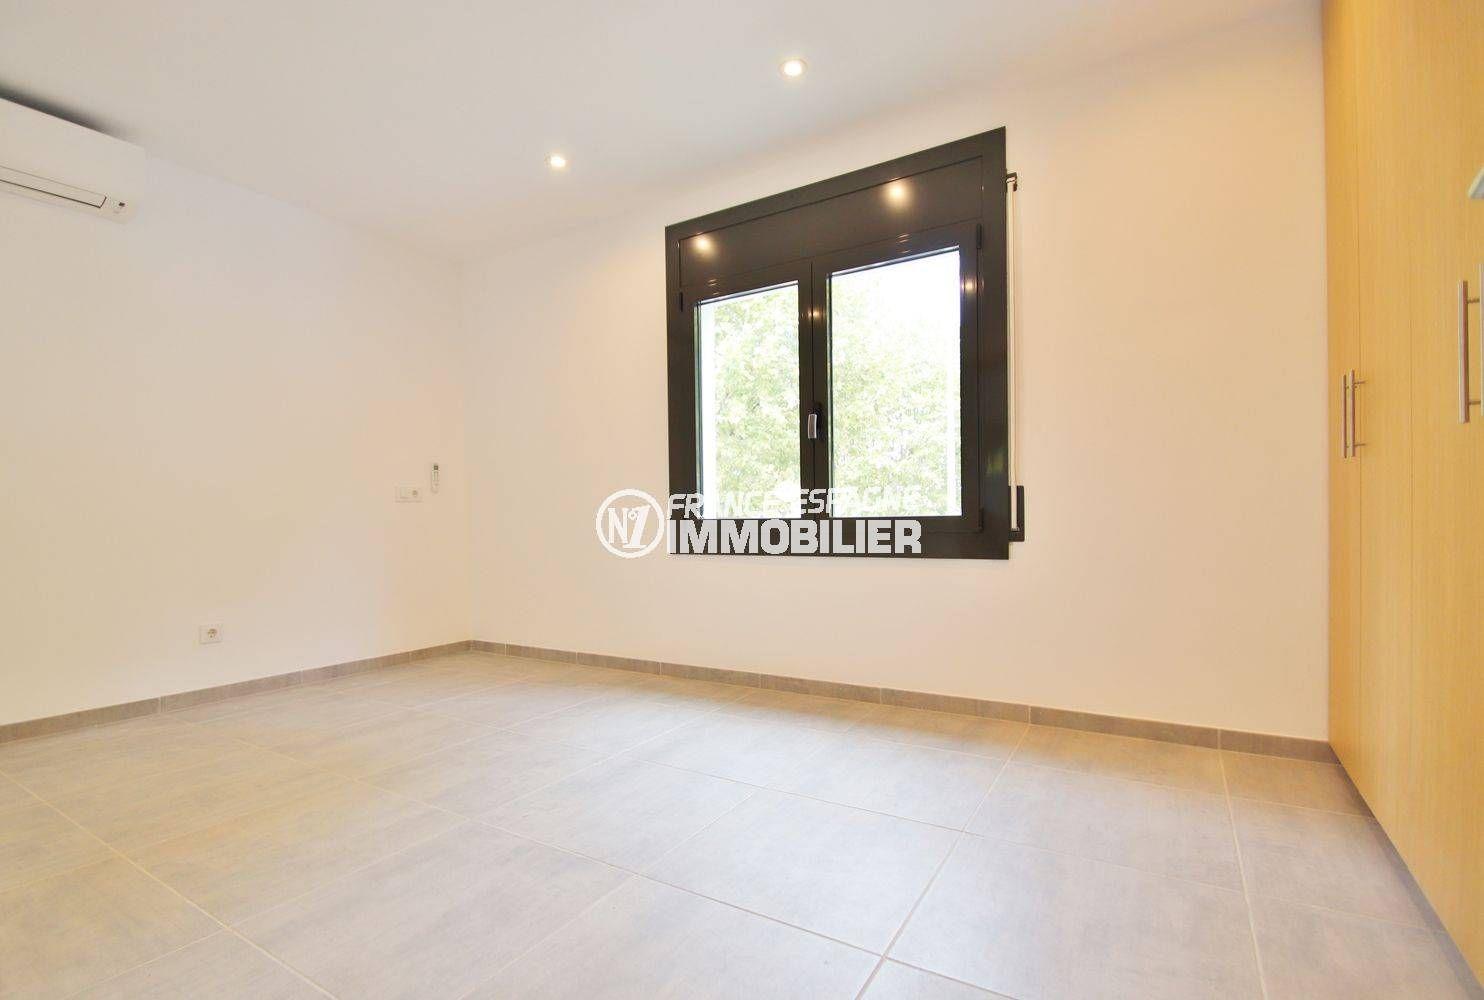 vente immobilier costa brava: villa 234 m², première suite parentale lumineuse avec placards